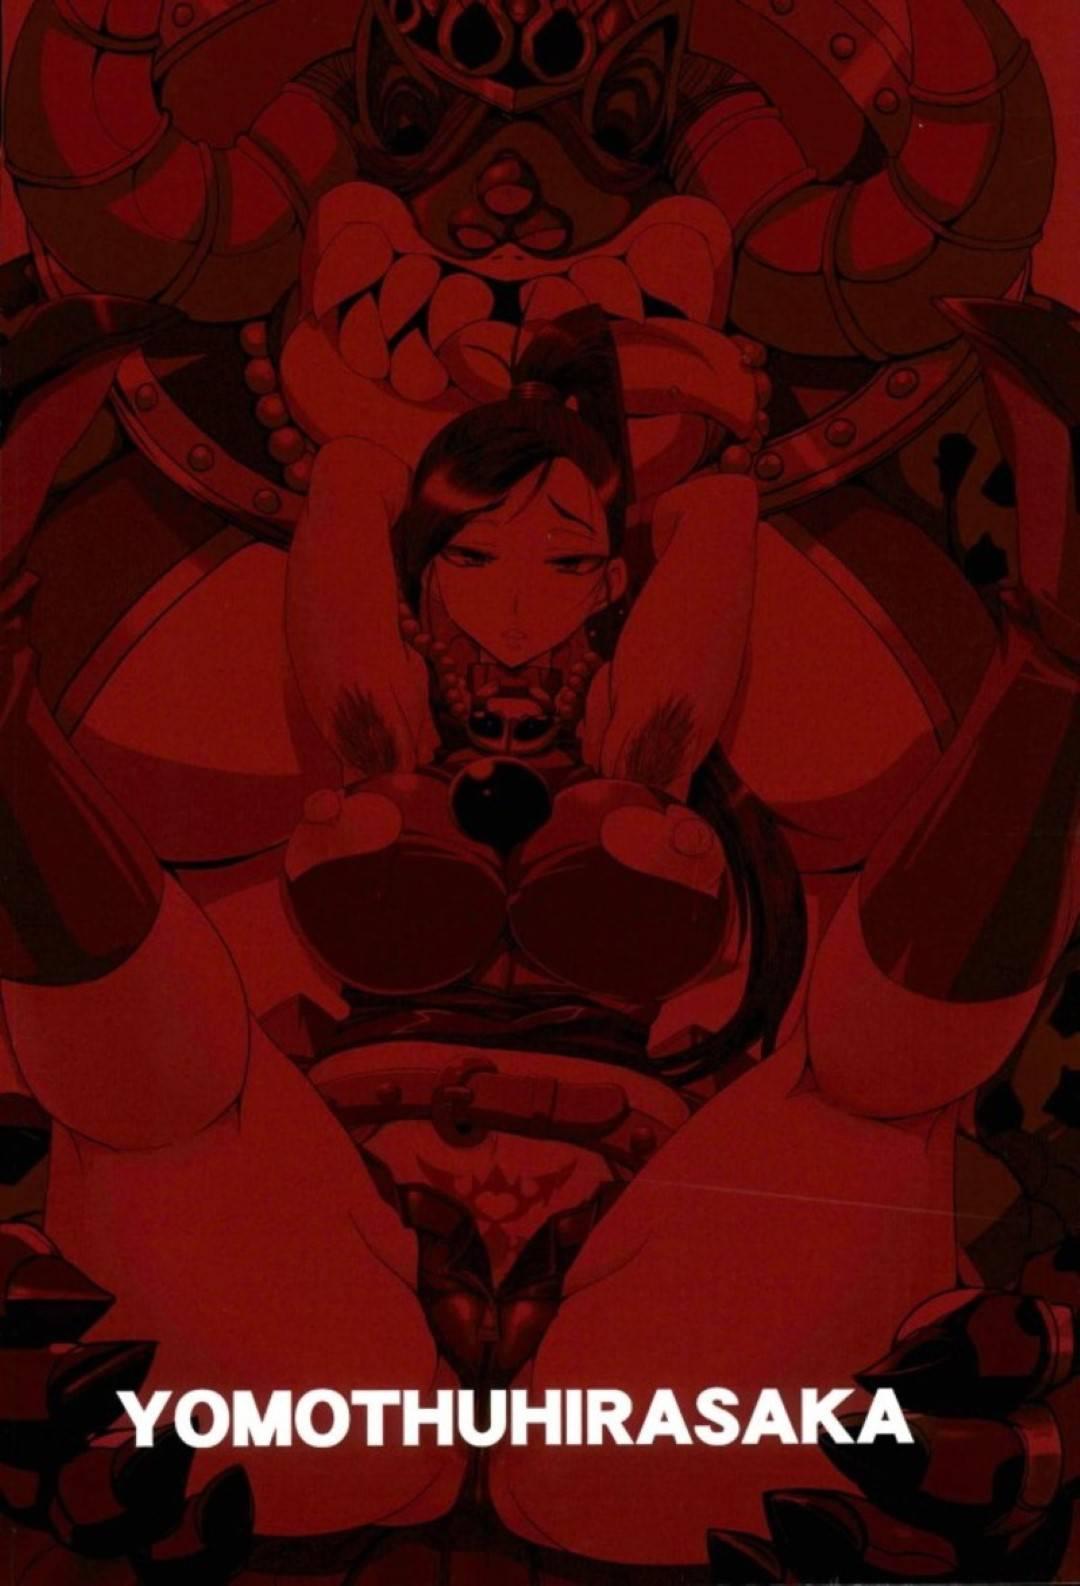 【エロ同人誌】妖魔軍王ブギーに囚われた女性たちを助けるため、自ら人質に買って出るマルティナ。様々なエロコスプレ姿で調教され続け激しい連続種付け異種レイプで淫乱雌奴隷堕ち【ドラゴンクエストXI/C93】